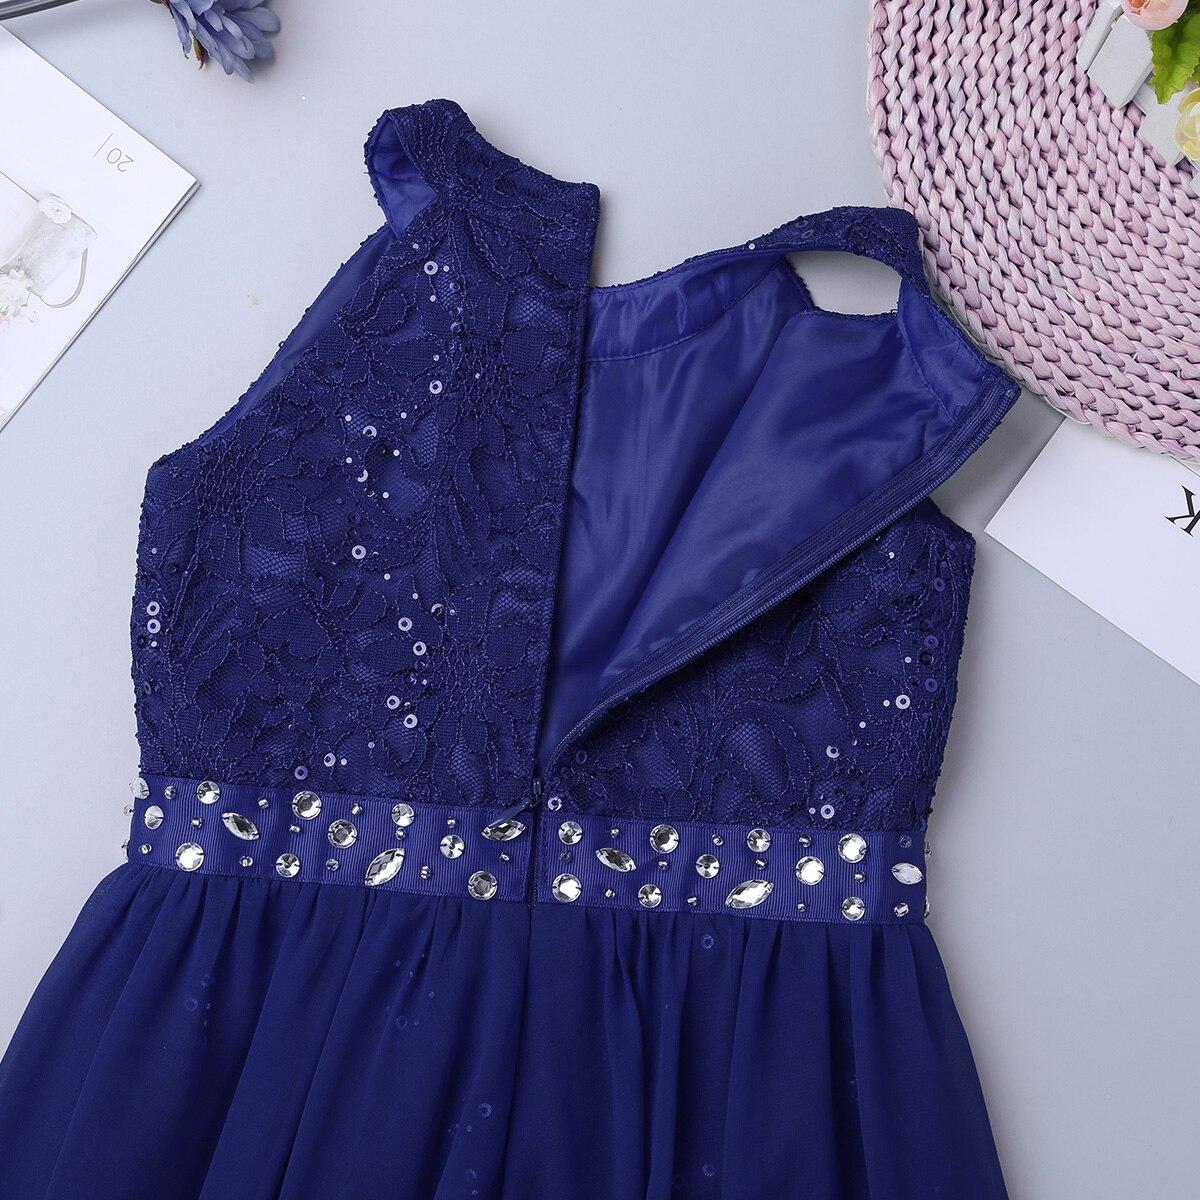 Image 5 - Детское платье макси без рукавов с цветочным кружевом и блестящими стразами для девочек; Вечерние платья для дня рождения; Танцевальный комбинезон; Платье для балетаБалет    АлиЭкспресс